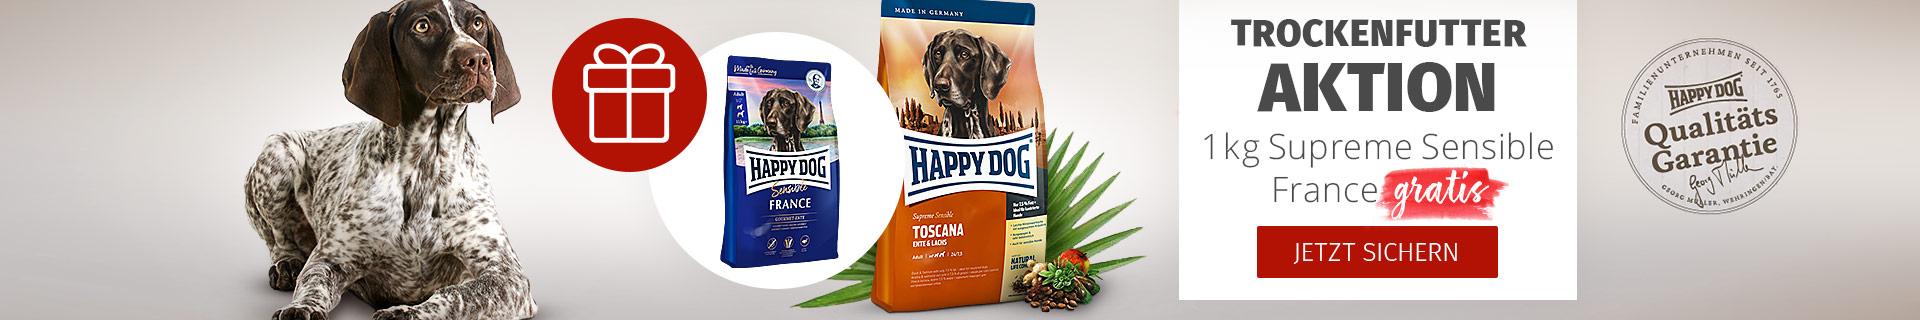 Trockenfutter Aktion für Hunde - Kleiner Sack Happy Dog France geschenkt